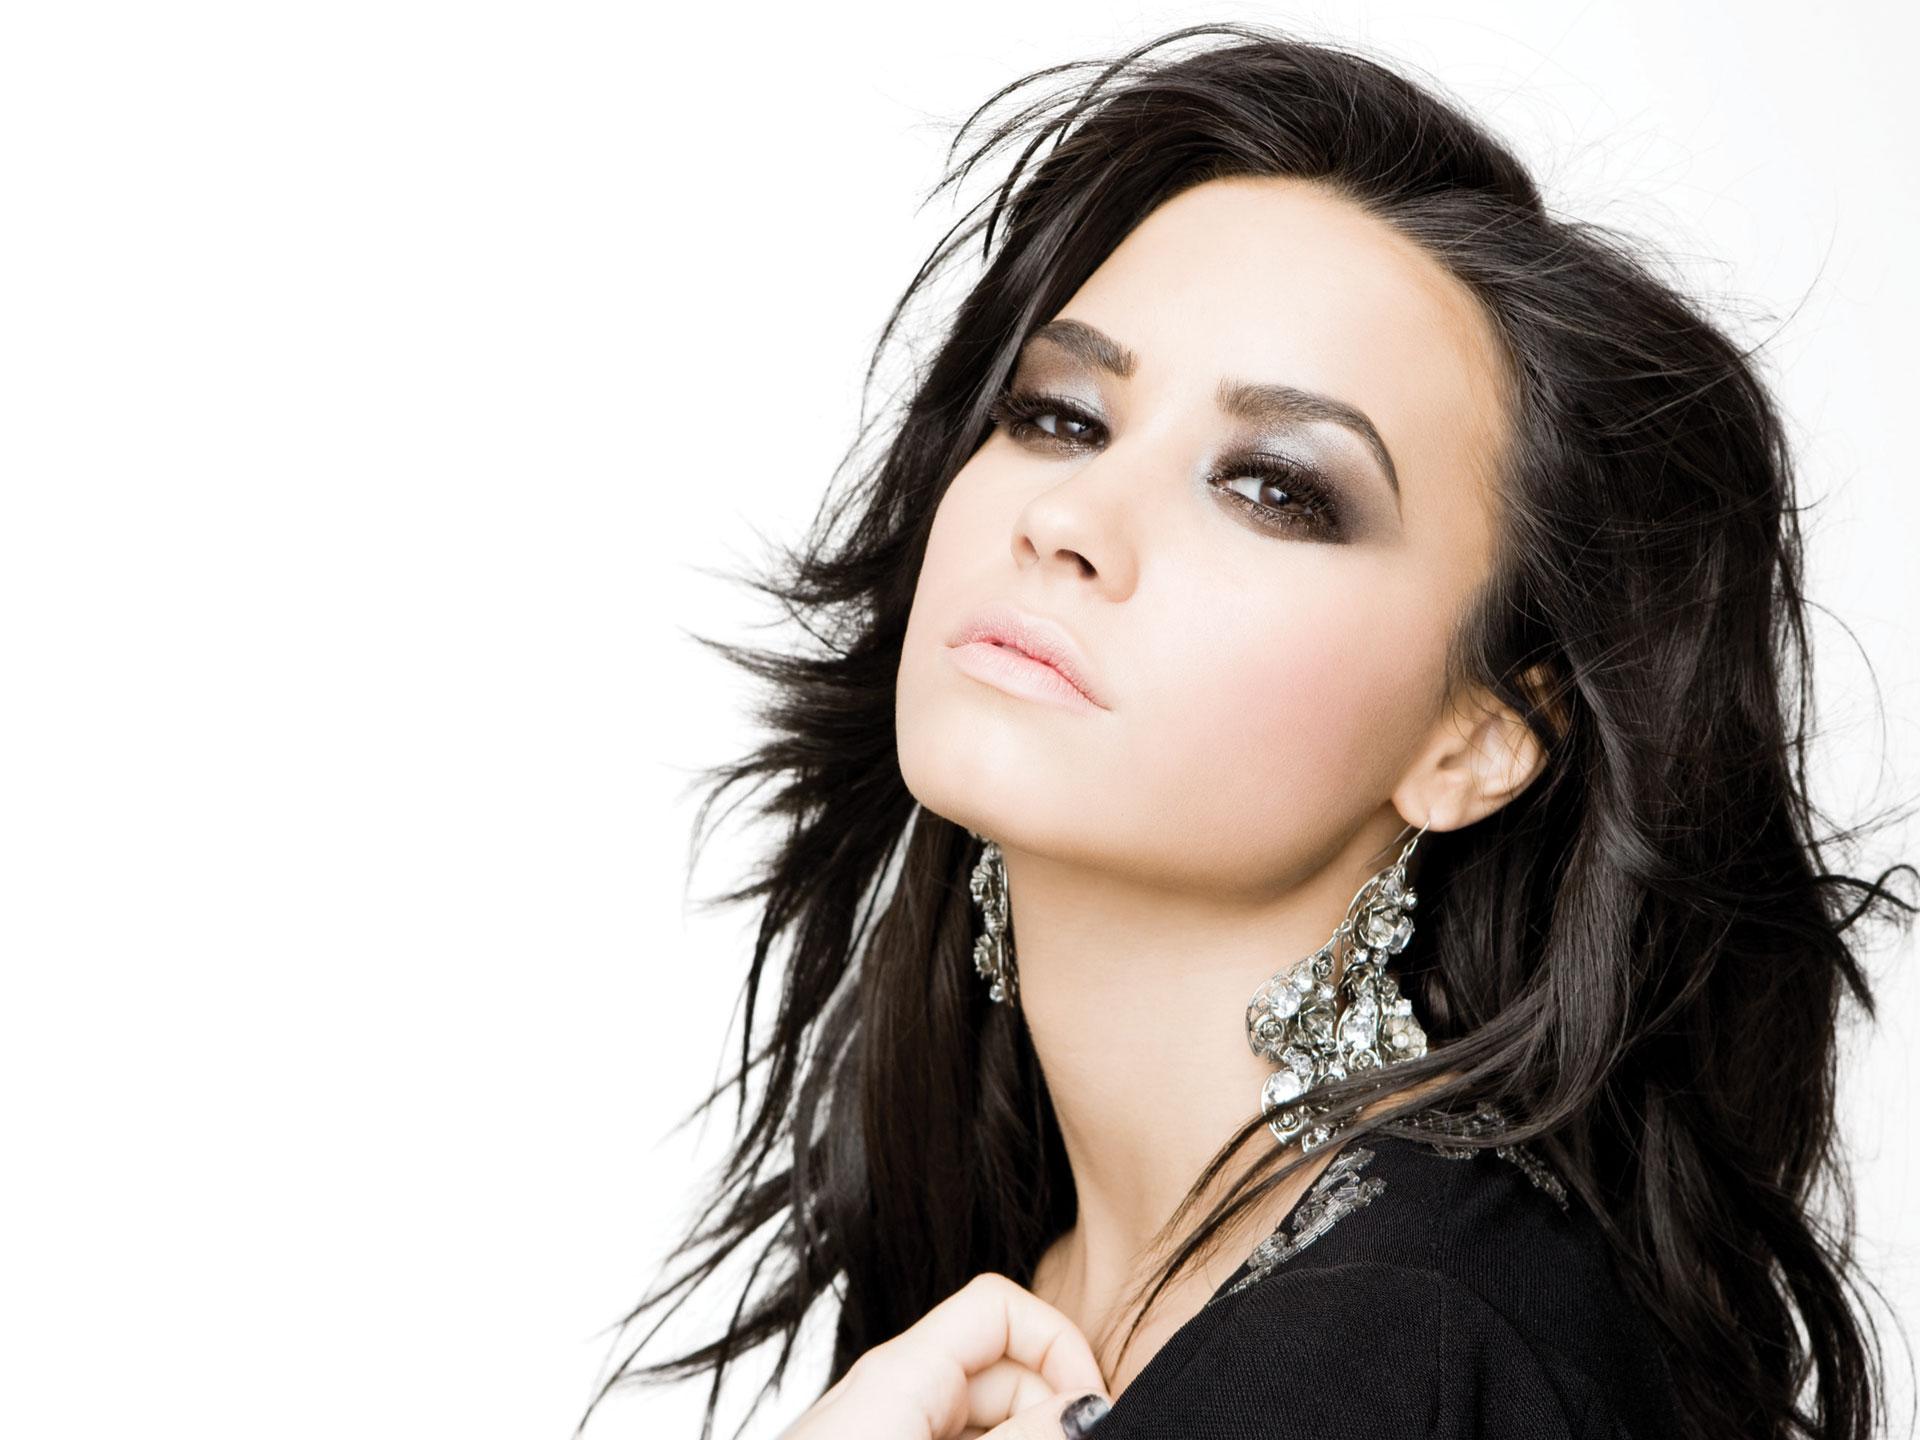 Demi   Demi Lovato Wallpaper 31049351 1920x1440